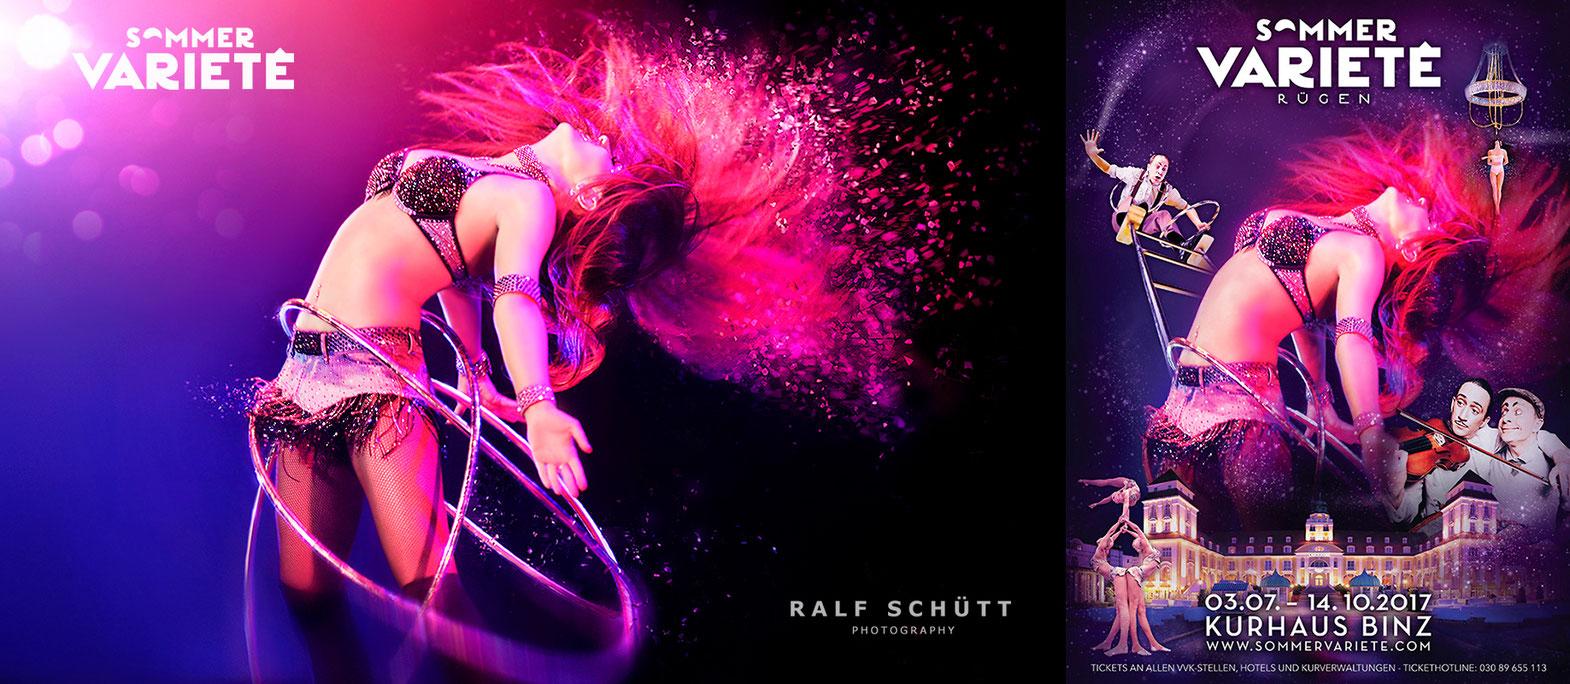 Alla Klyshta © Ralf Schütt Photography